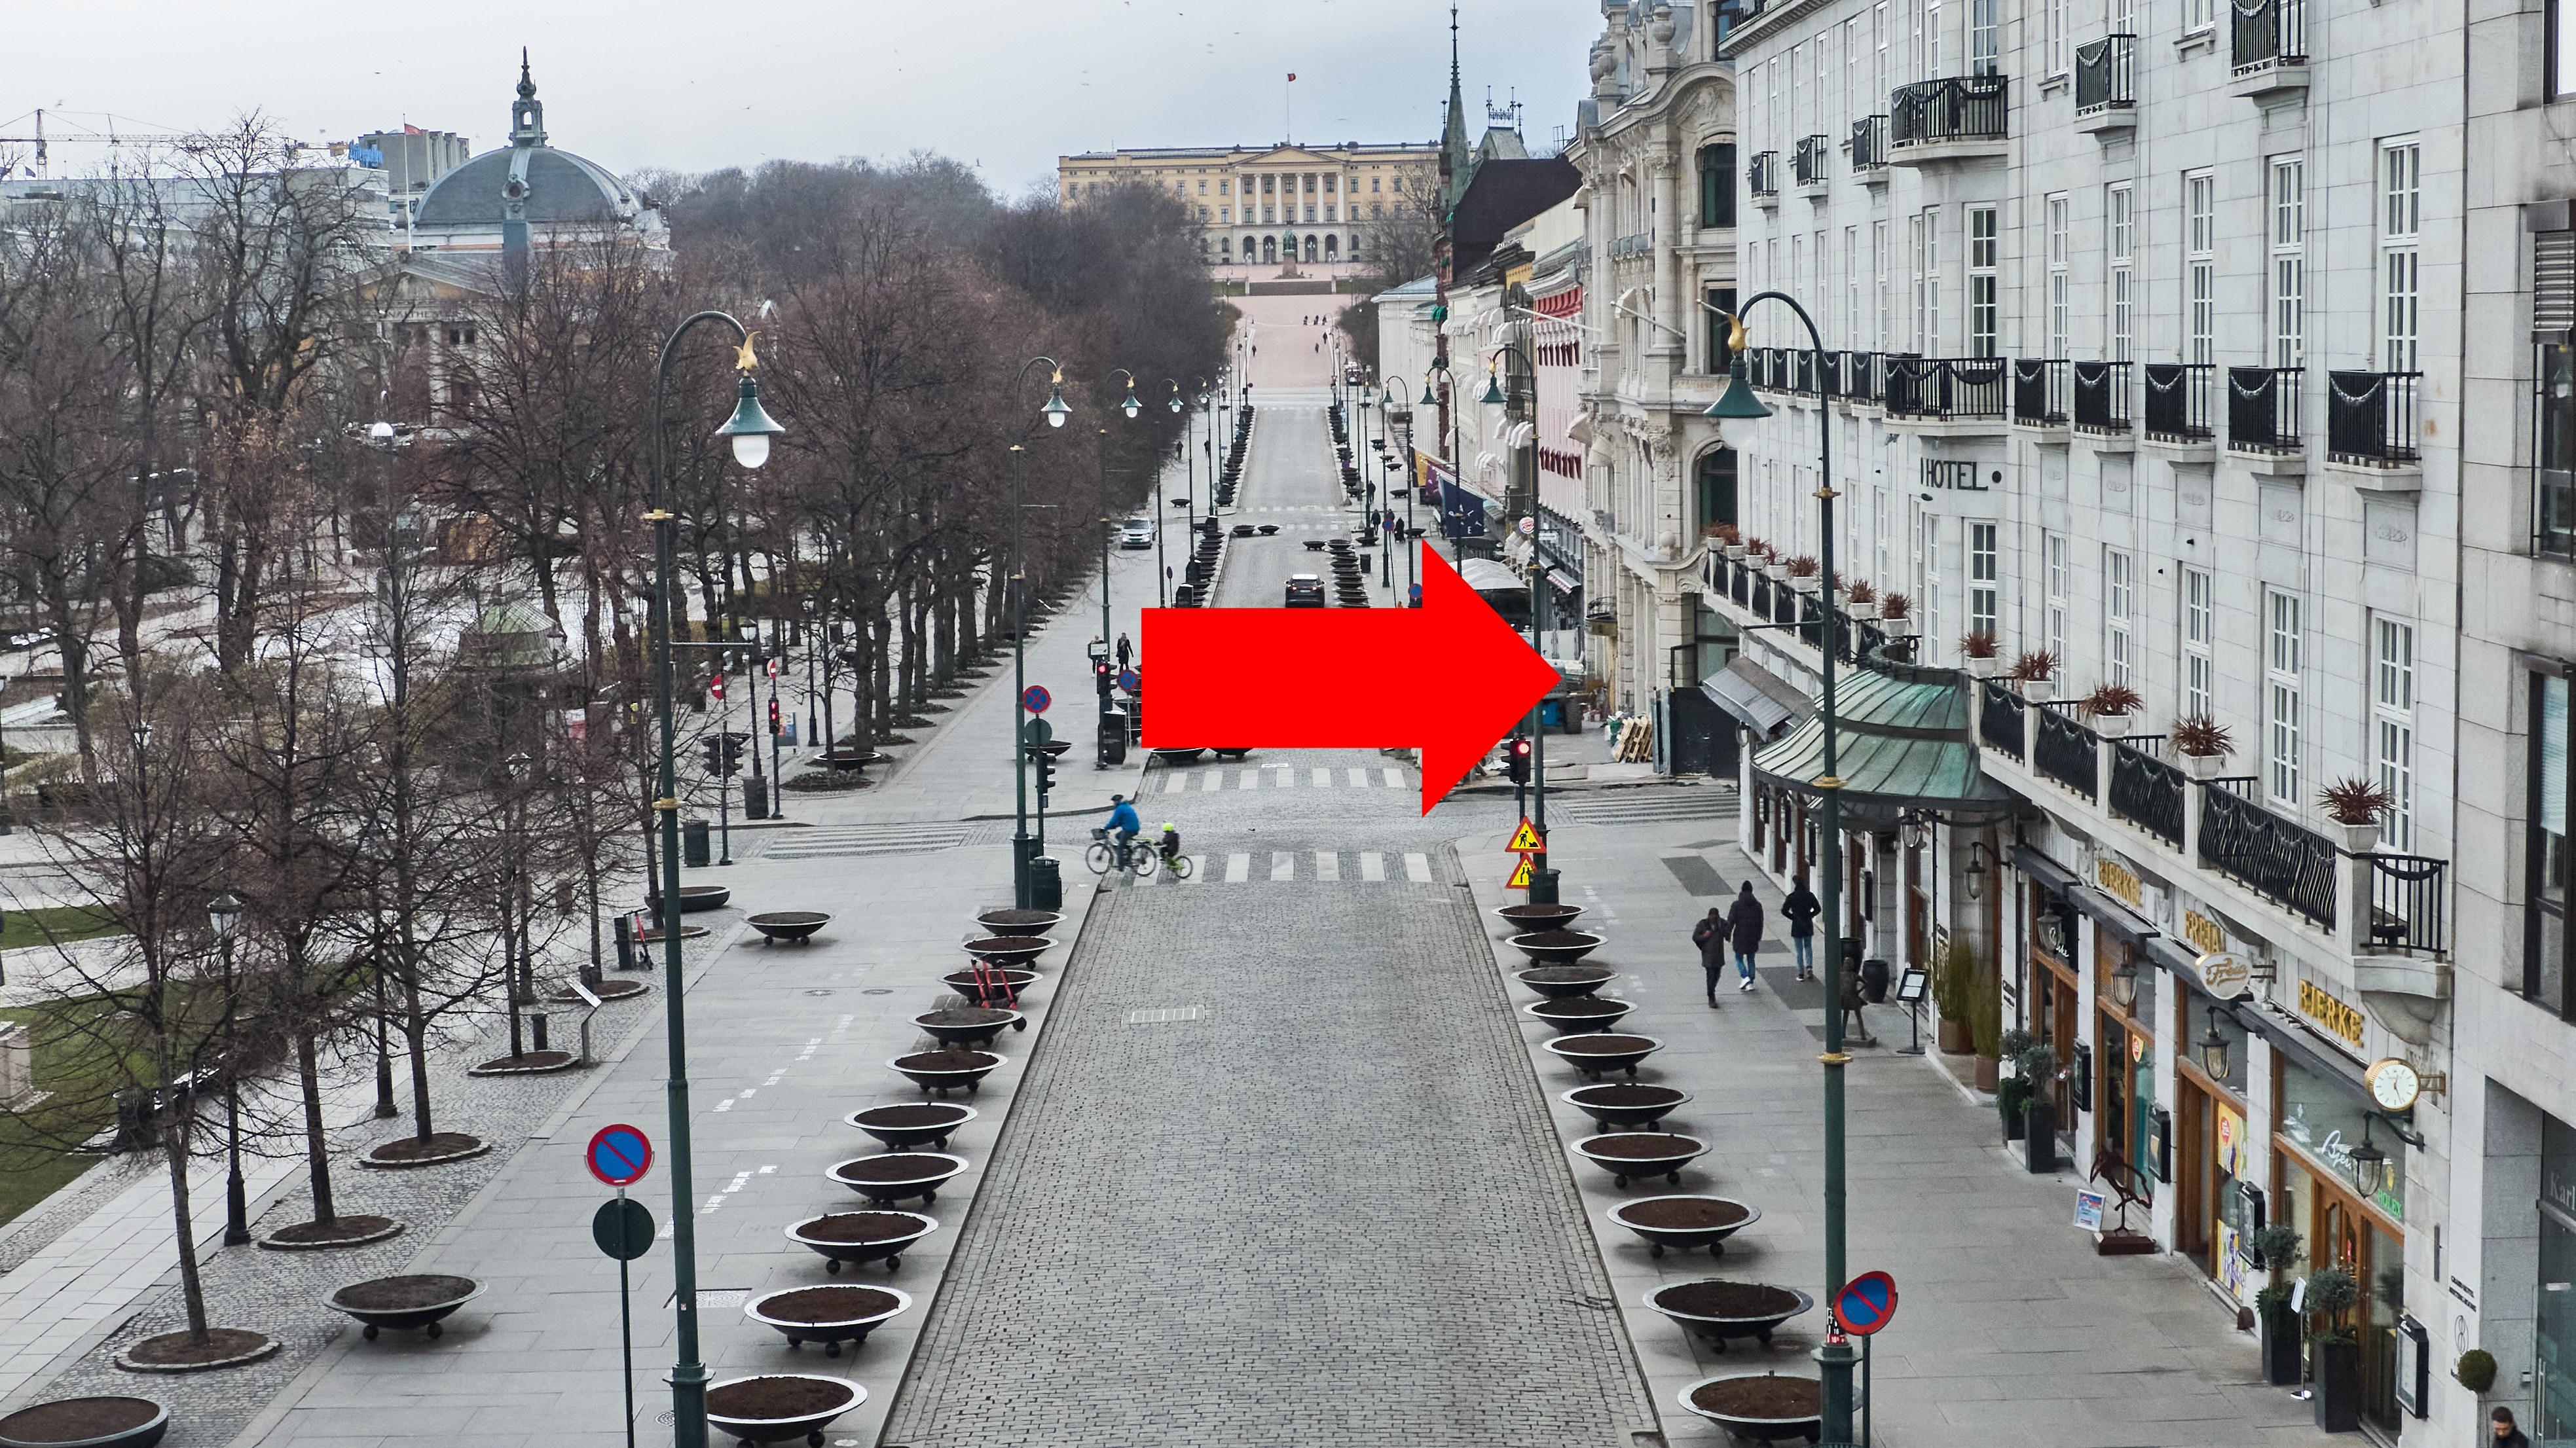 Det er her, på hjørnet vis-a-vis Grand Hotell, at Nio skal etablere seg i Oslo.